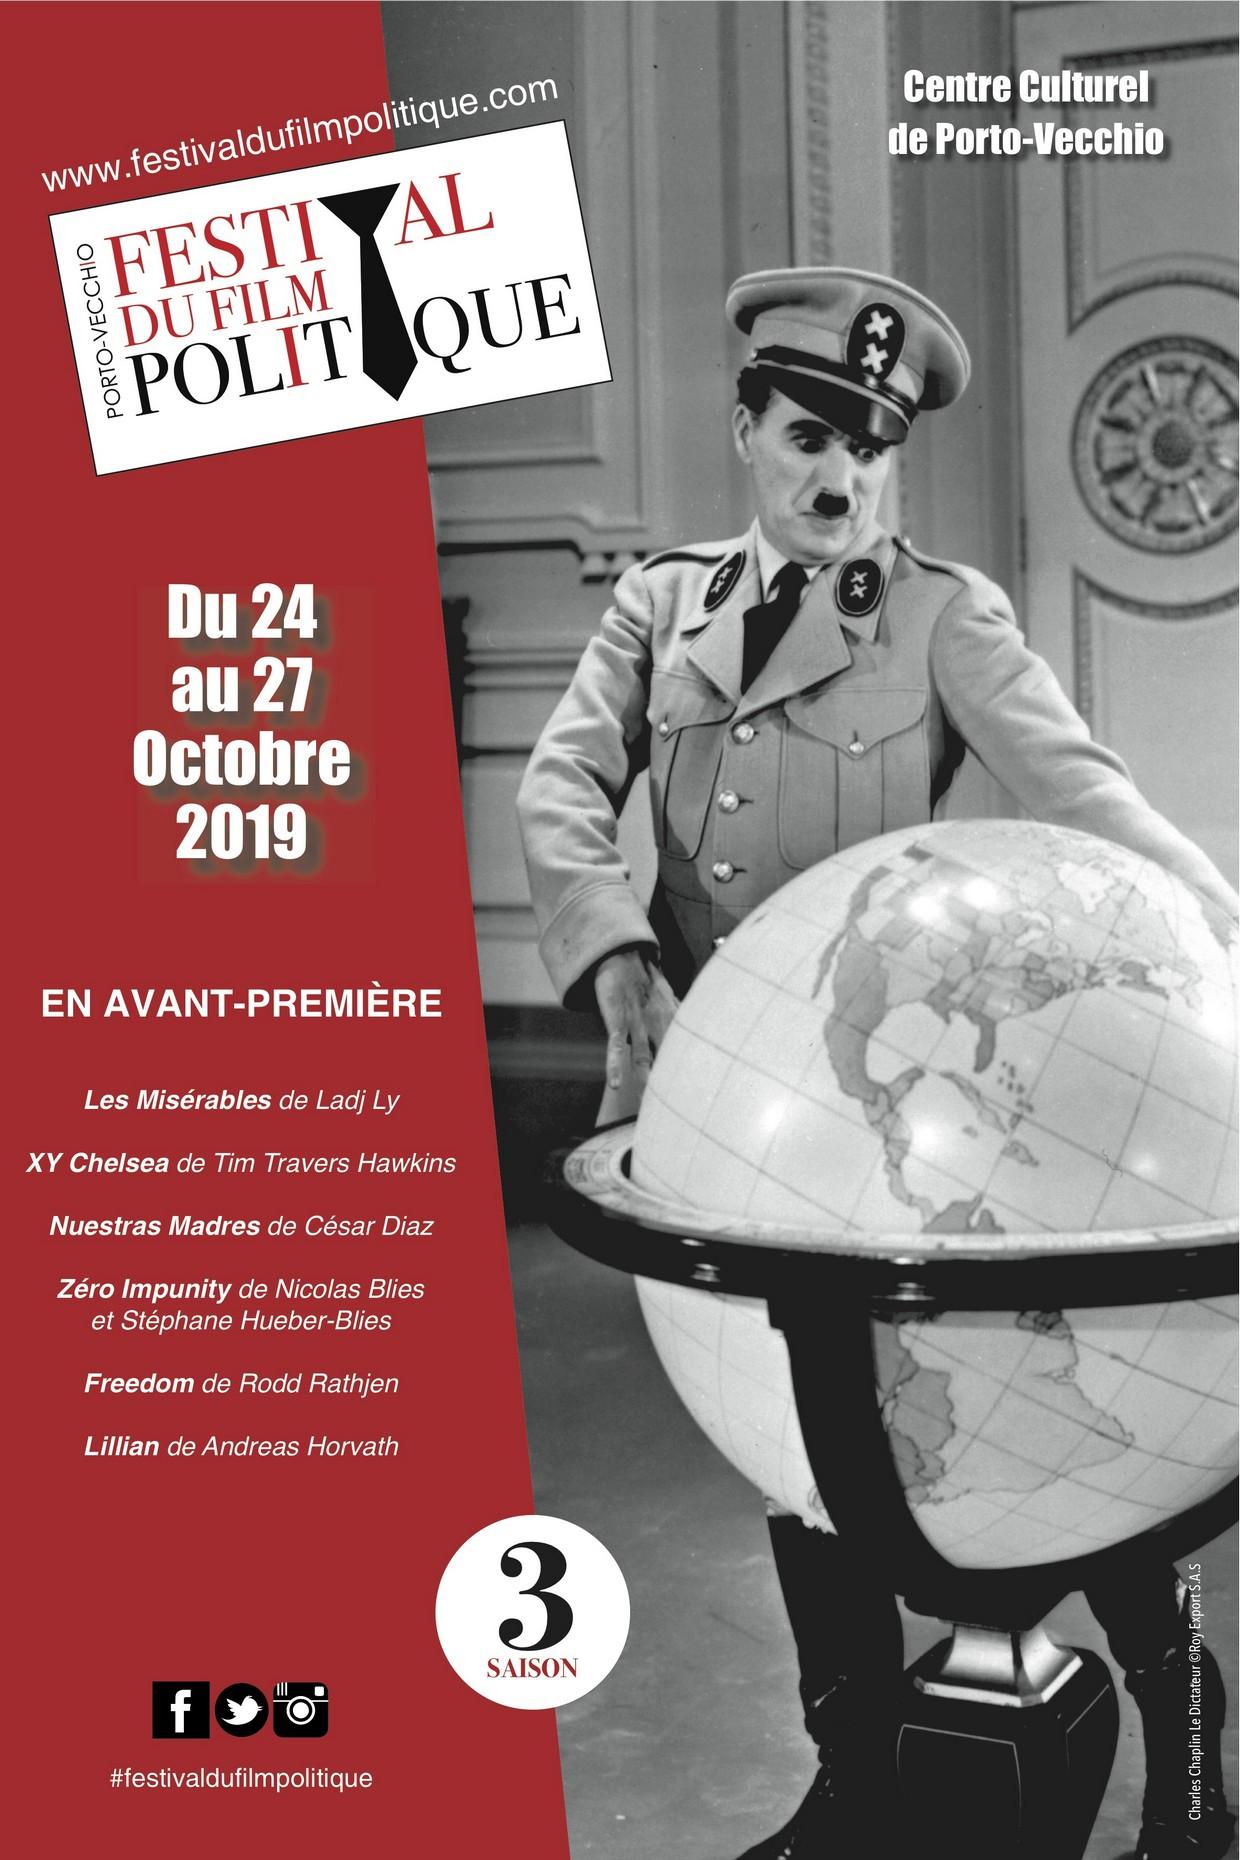 3ème édition du Festival du Film Politique - Centre Culturel de Porto-Vecchio